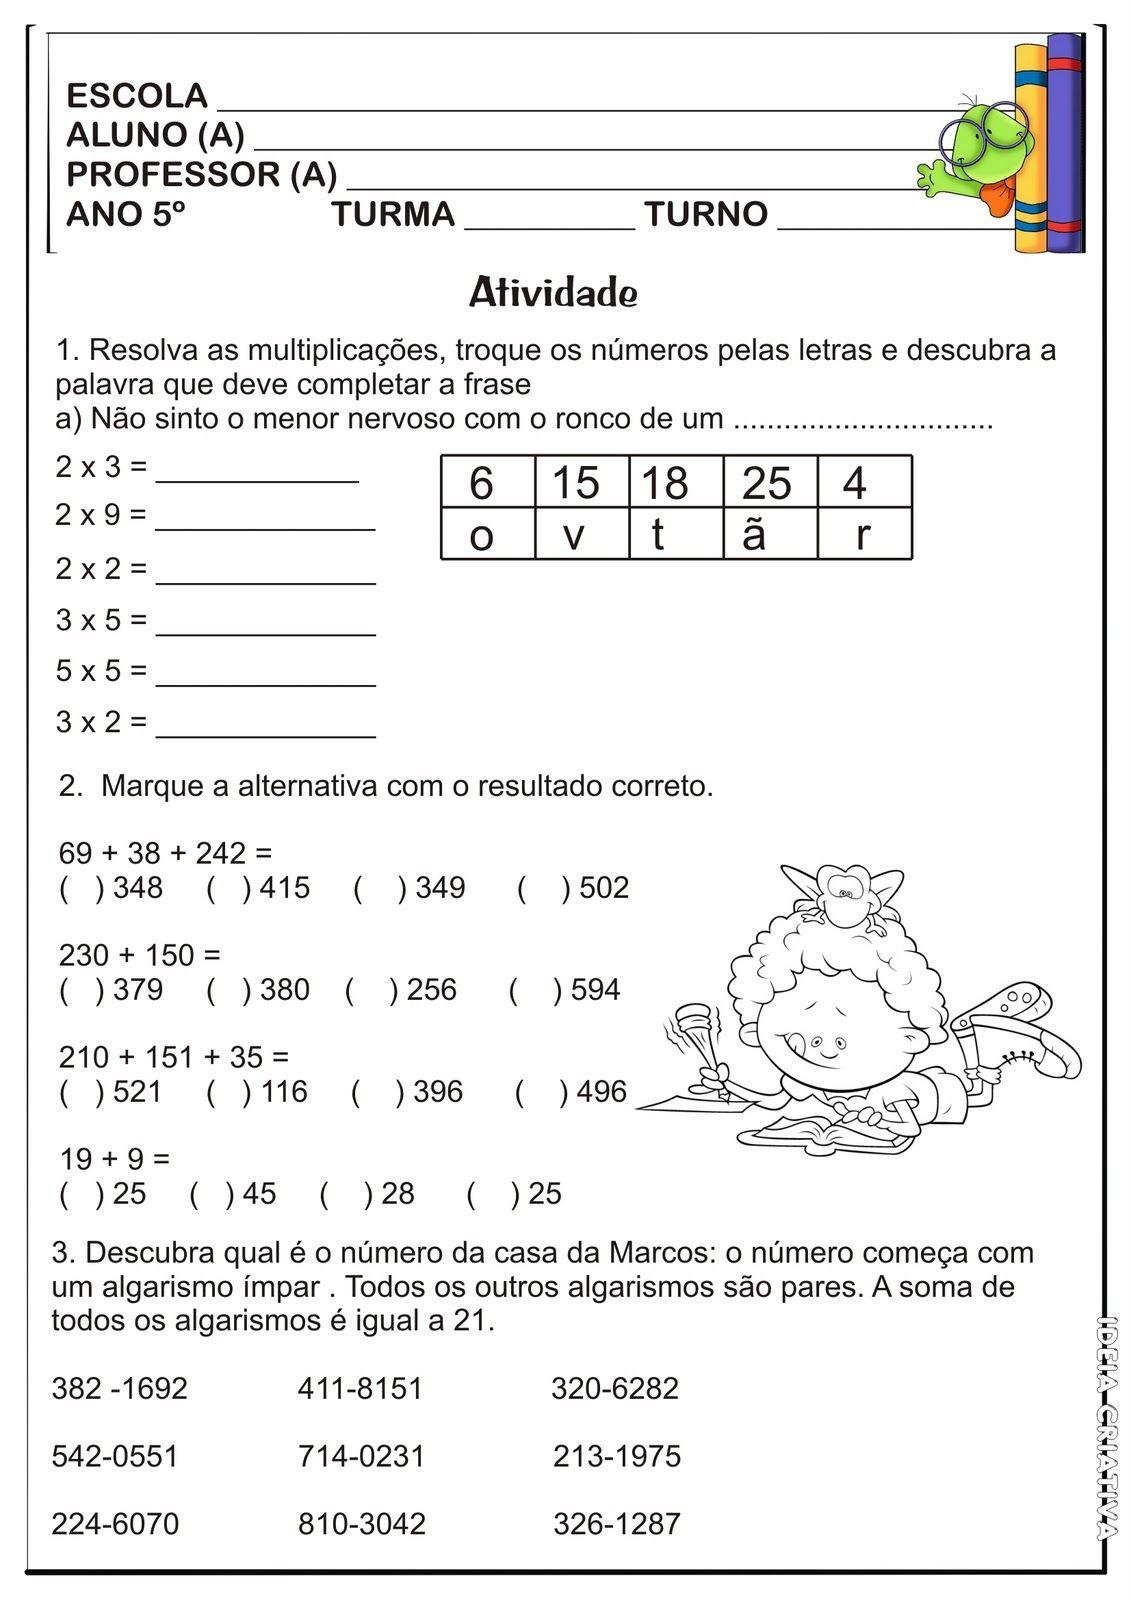 59 Jpg 1131 1600 Atividades De Matematica Atividades De